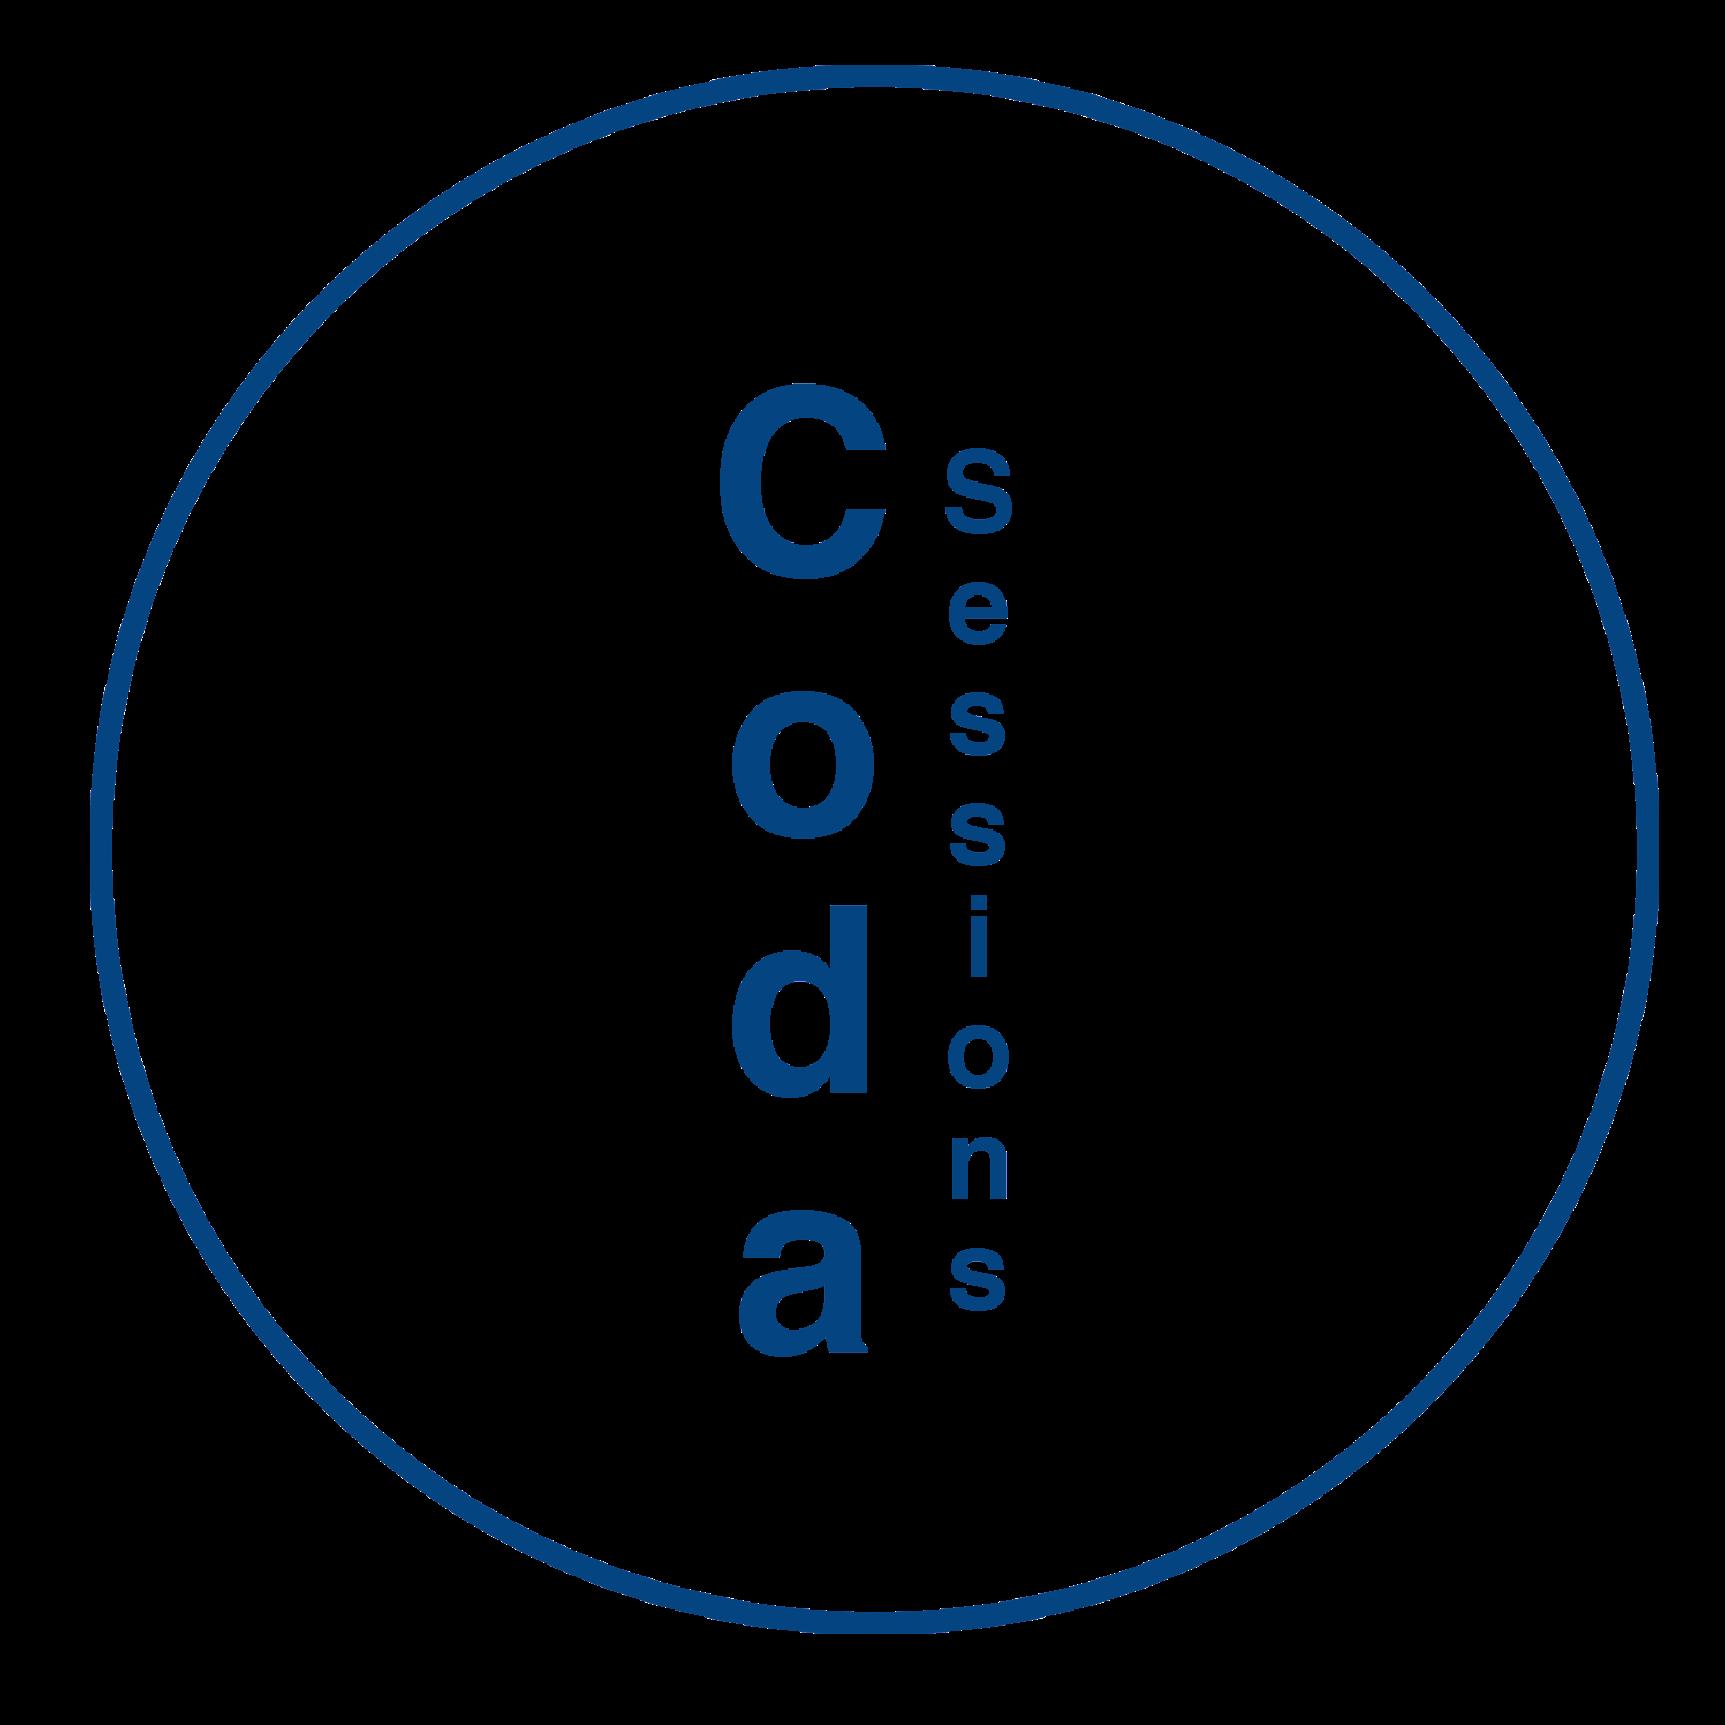 Coda Sessions